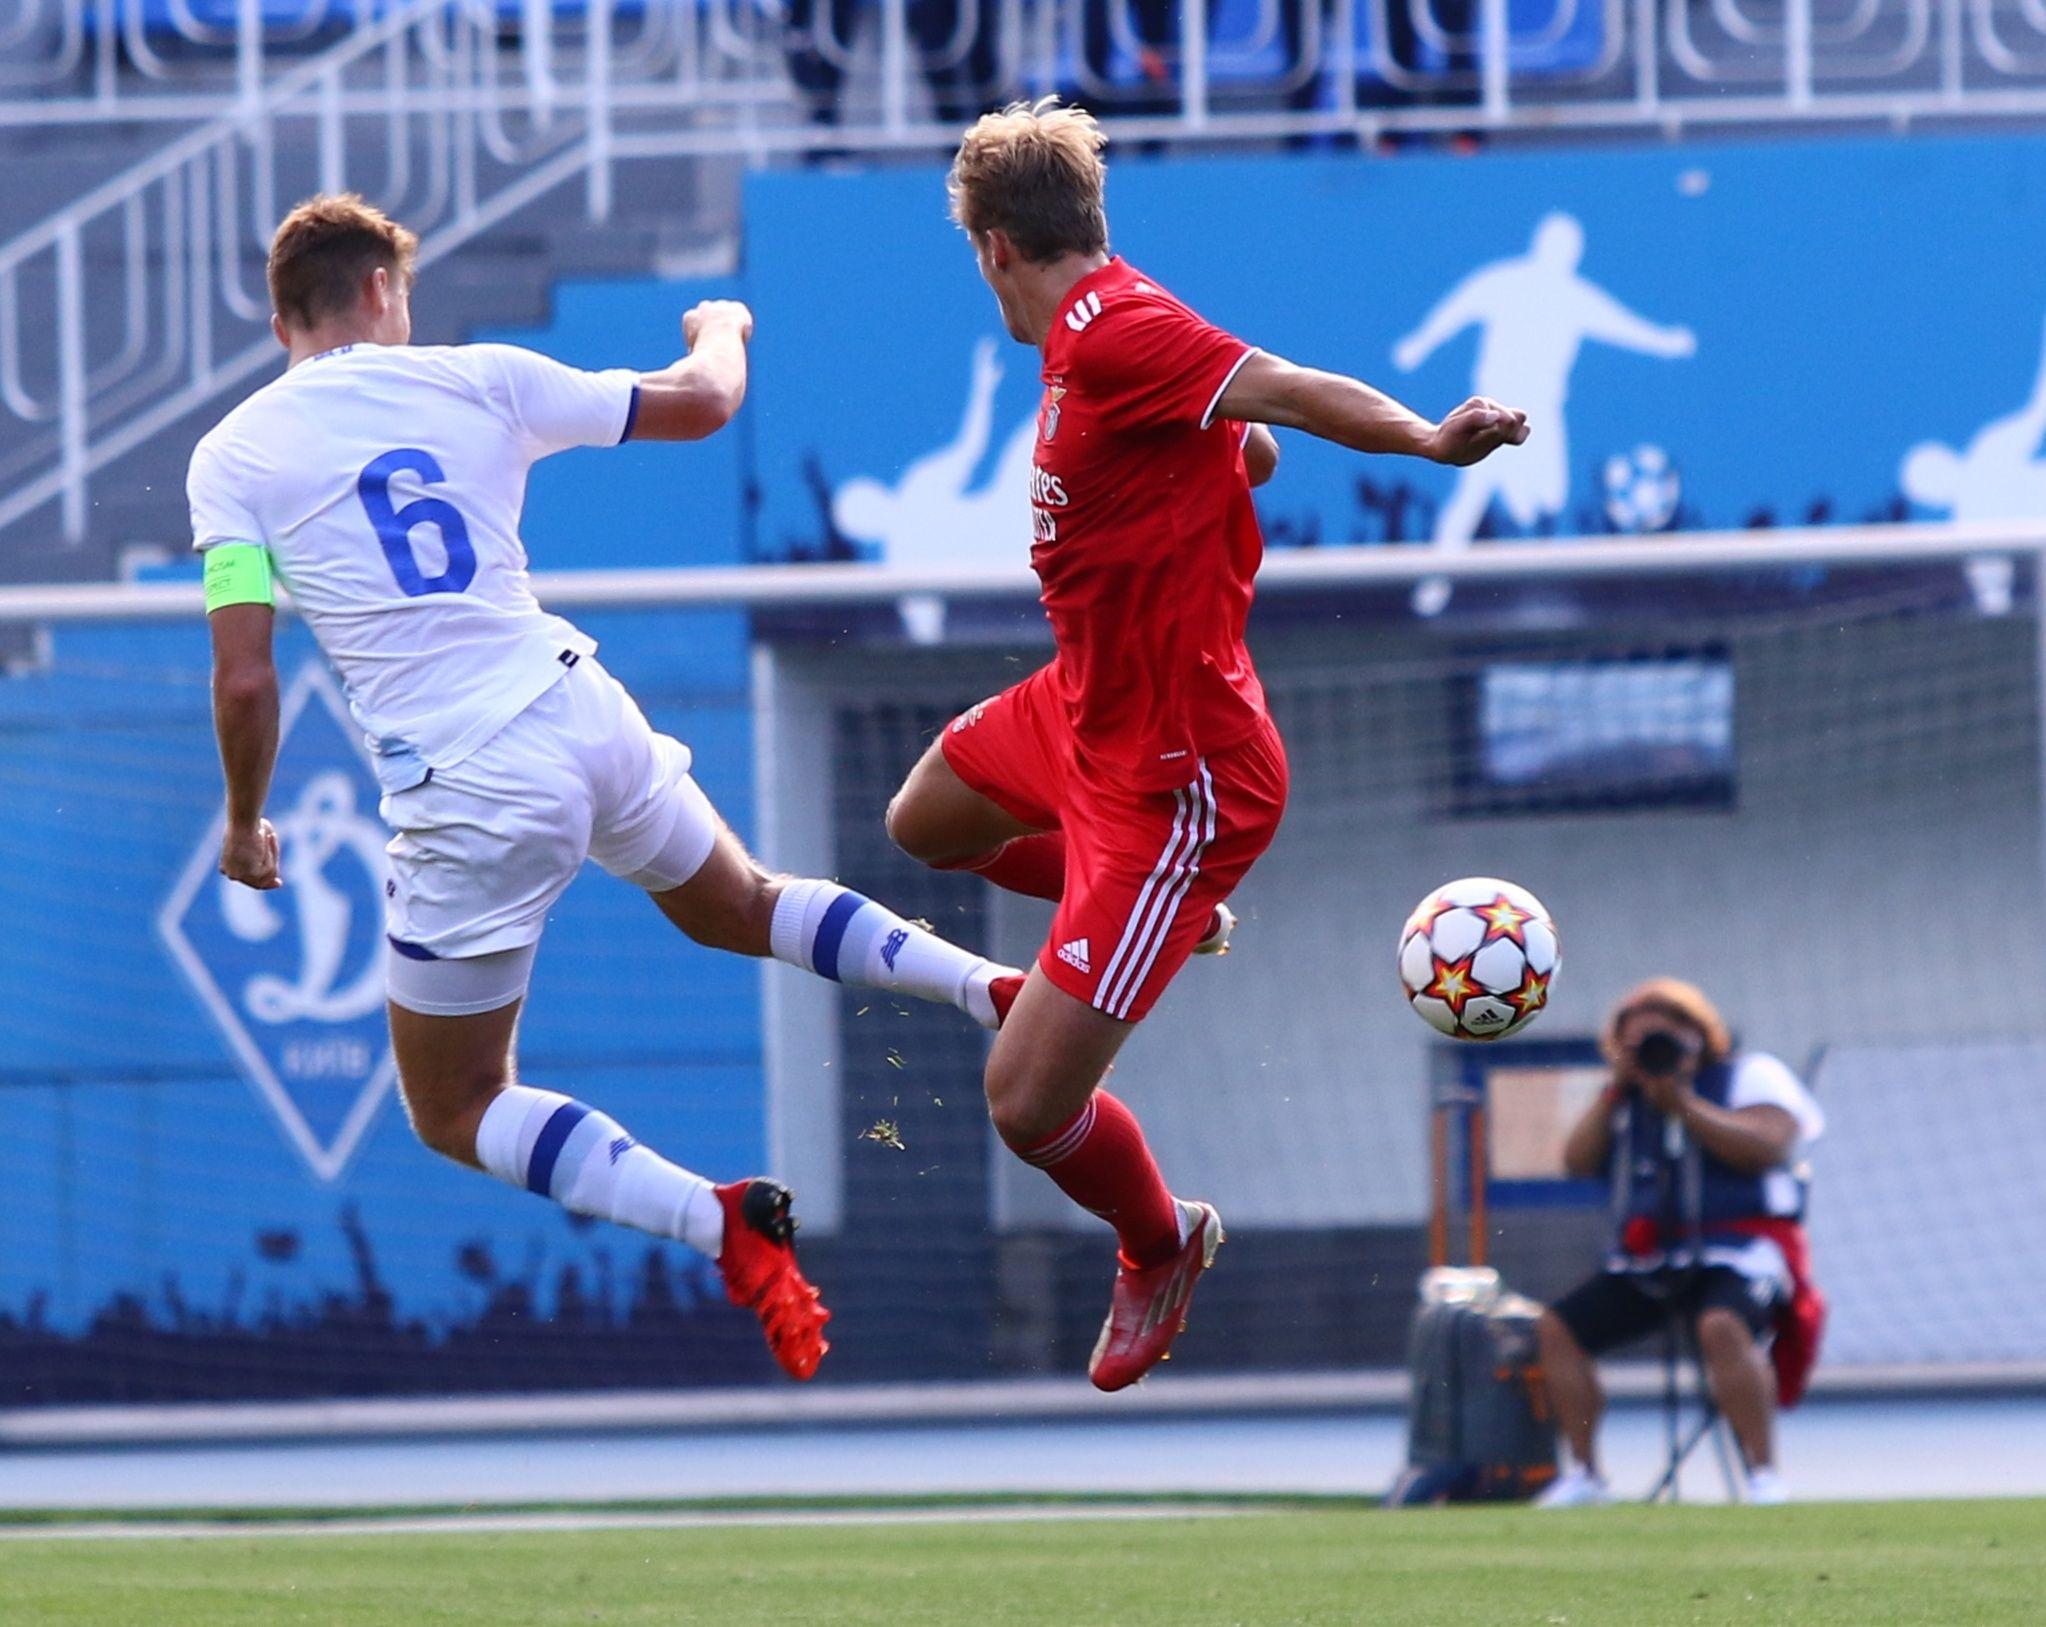 Відмінний старт! ФОТО репортаж з матчу Юнацької ліги УЄФА Динамо - Бенфіка 4:0 - фото 13